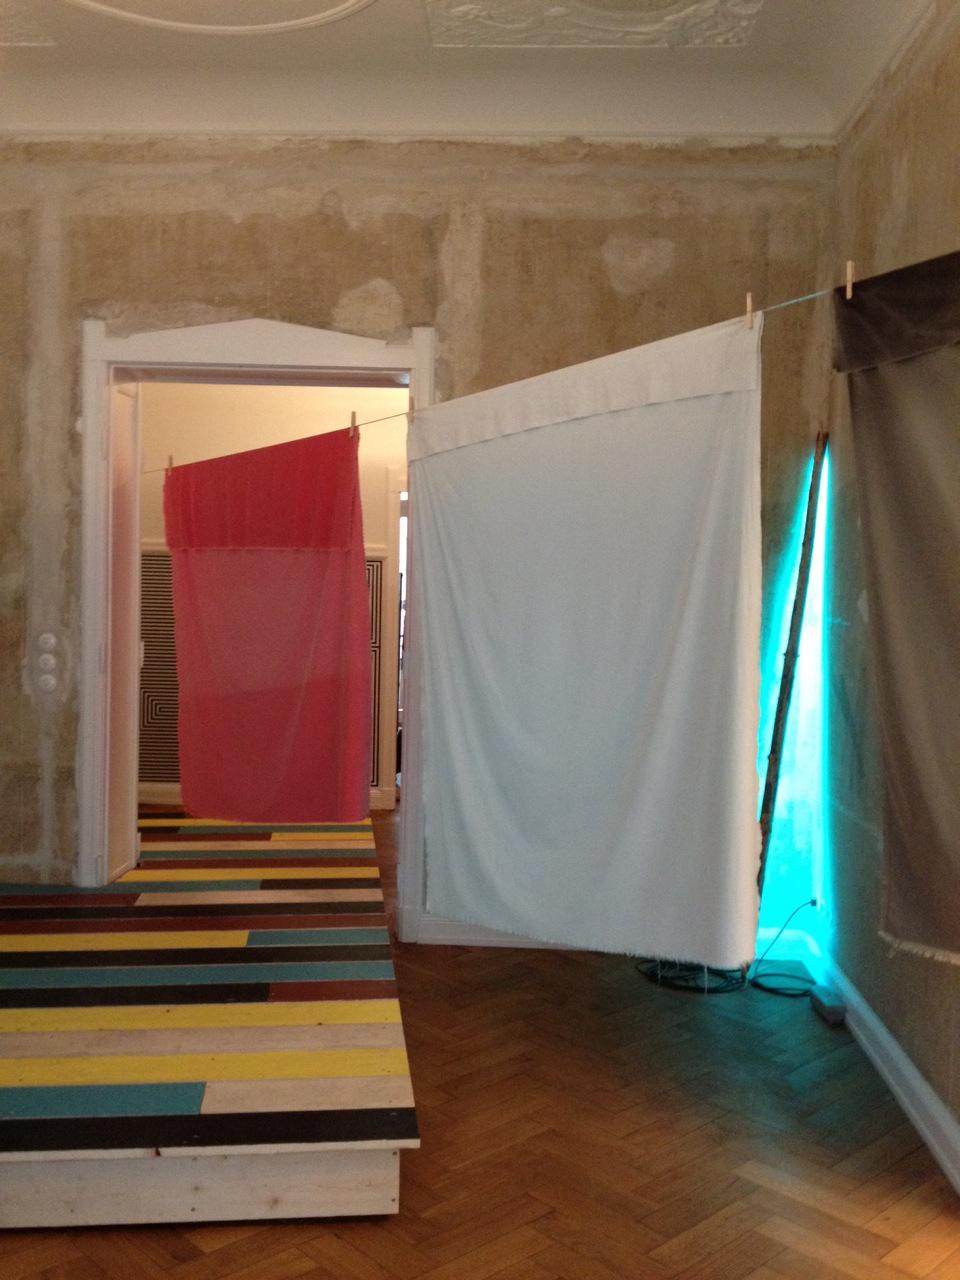 Kerim Seiler @ Grieder Contemporary, Berlin